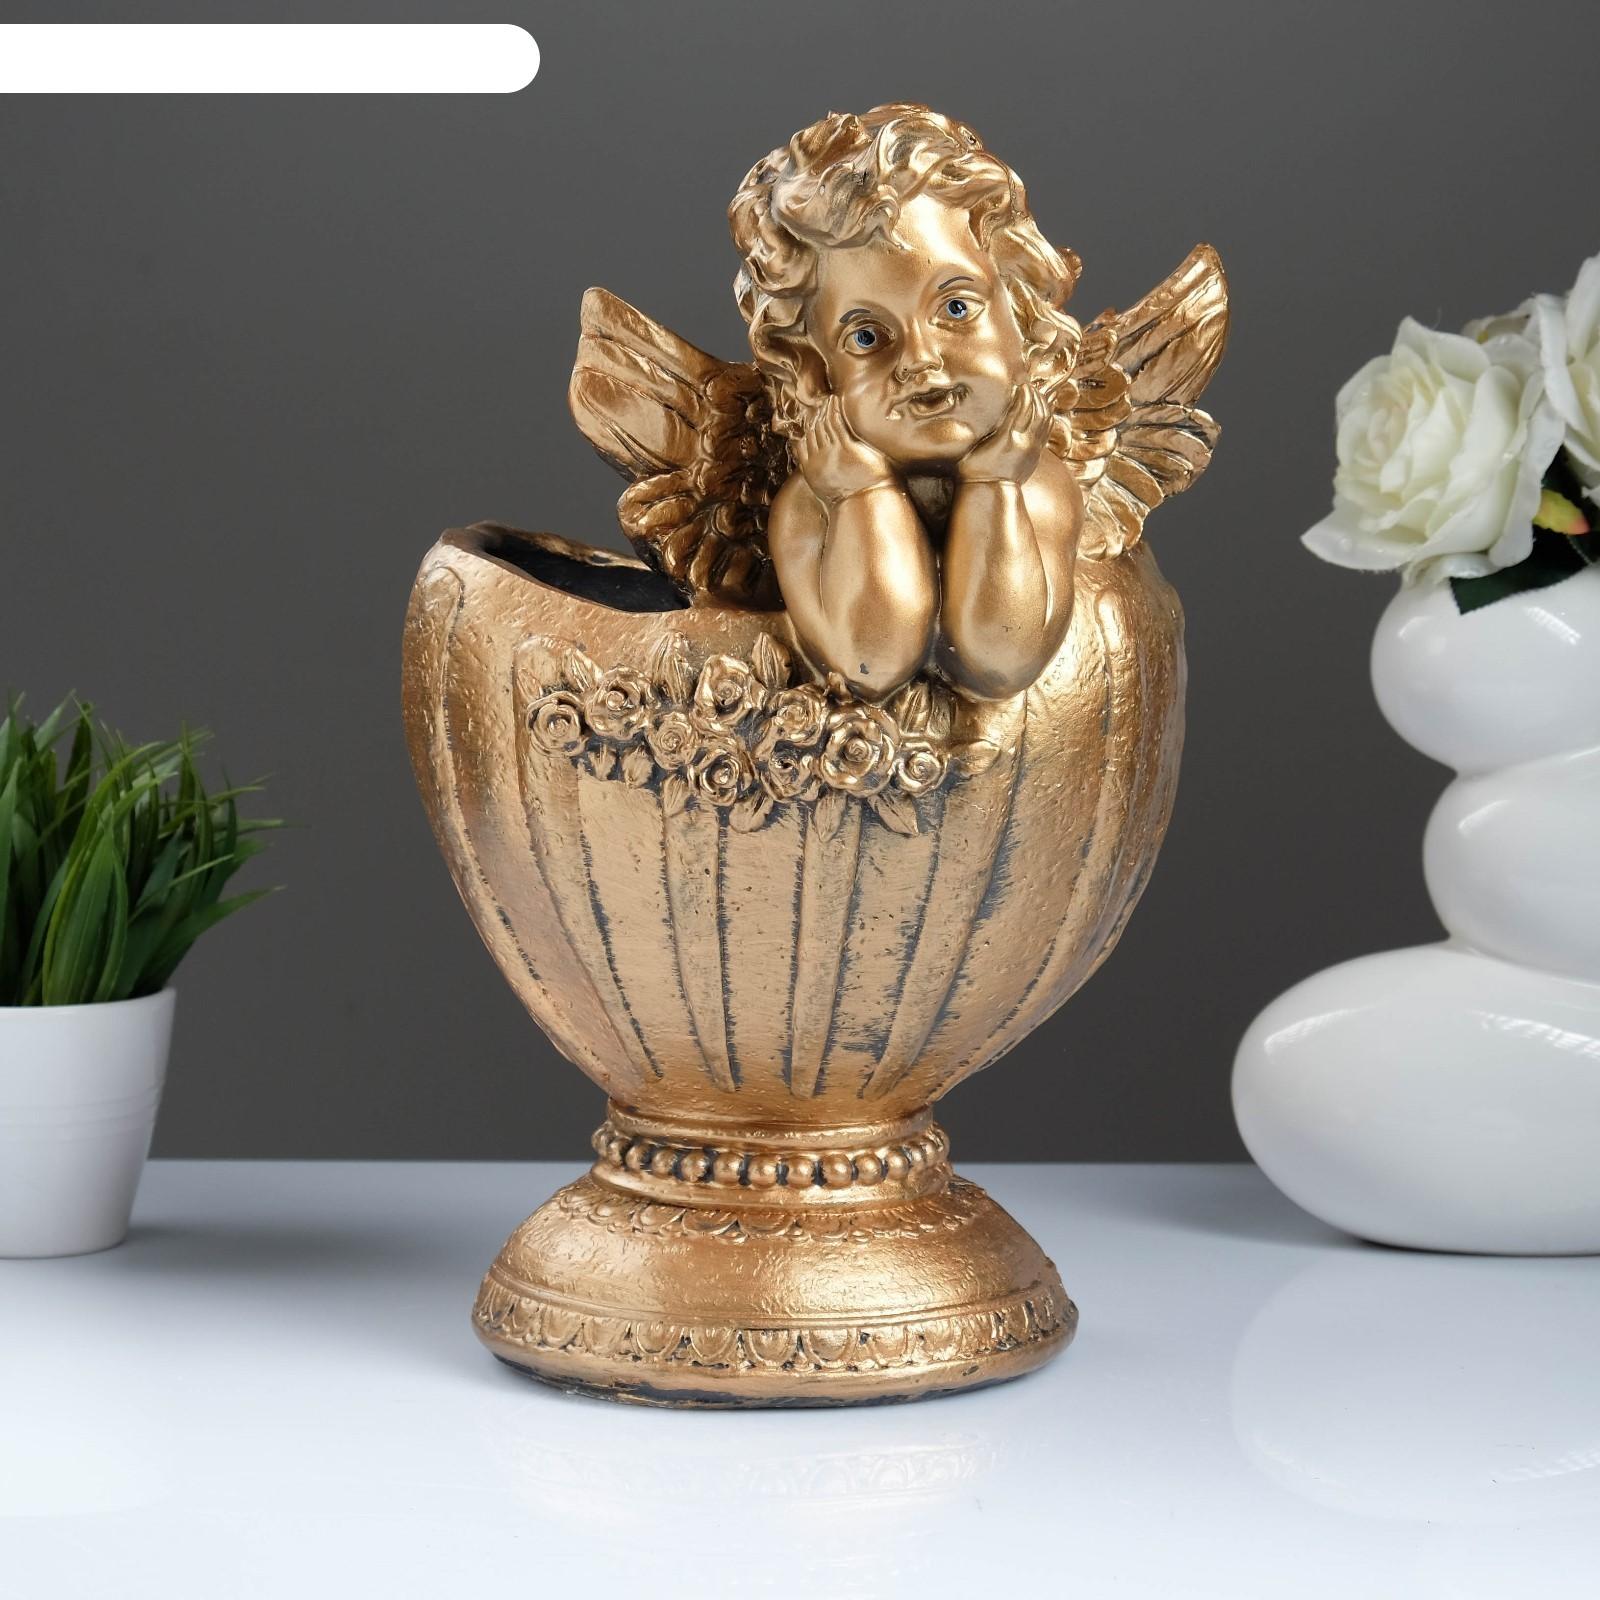 Фигурное кашпо ангел в вазе, бронза (1805270) купить в ... Пила Ловушка Ангел